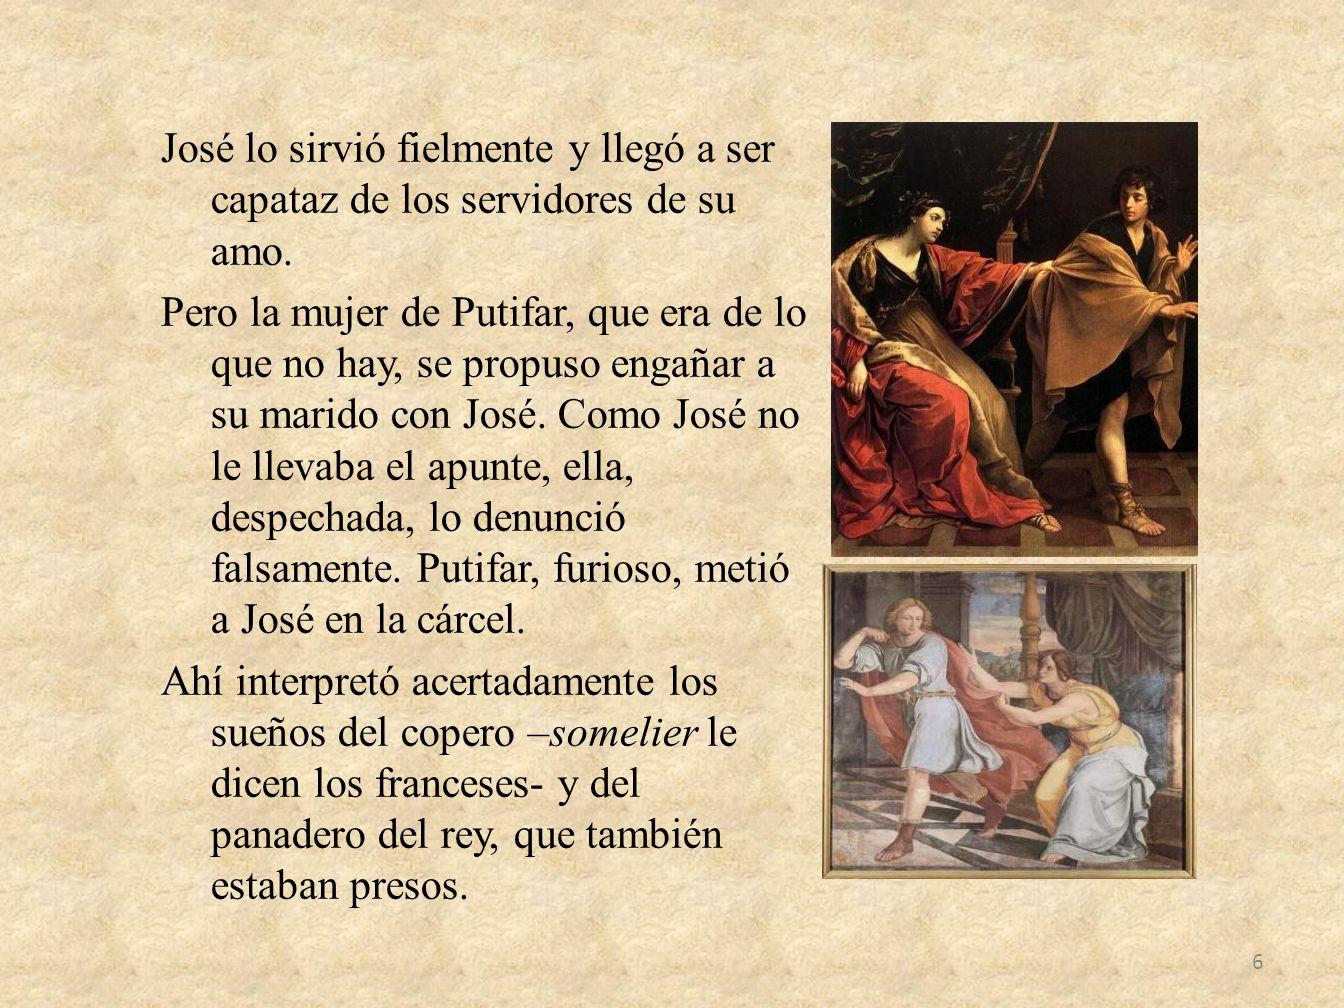 José lo sirvió fielmente y llegó a ser capataz de los servidores de su amo. Pero la mujer de Putifar, que era de lo que no hay, se propuso engañar a s